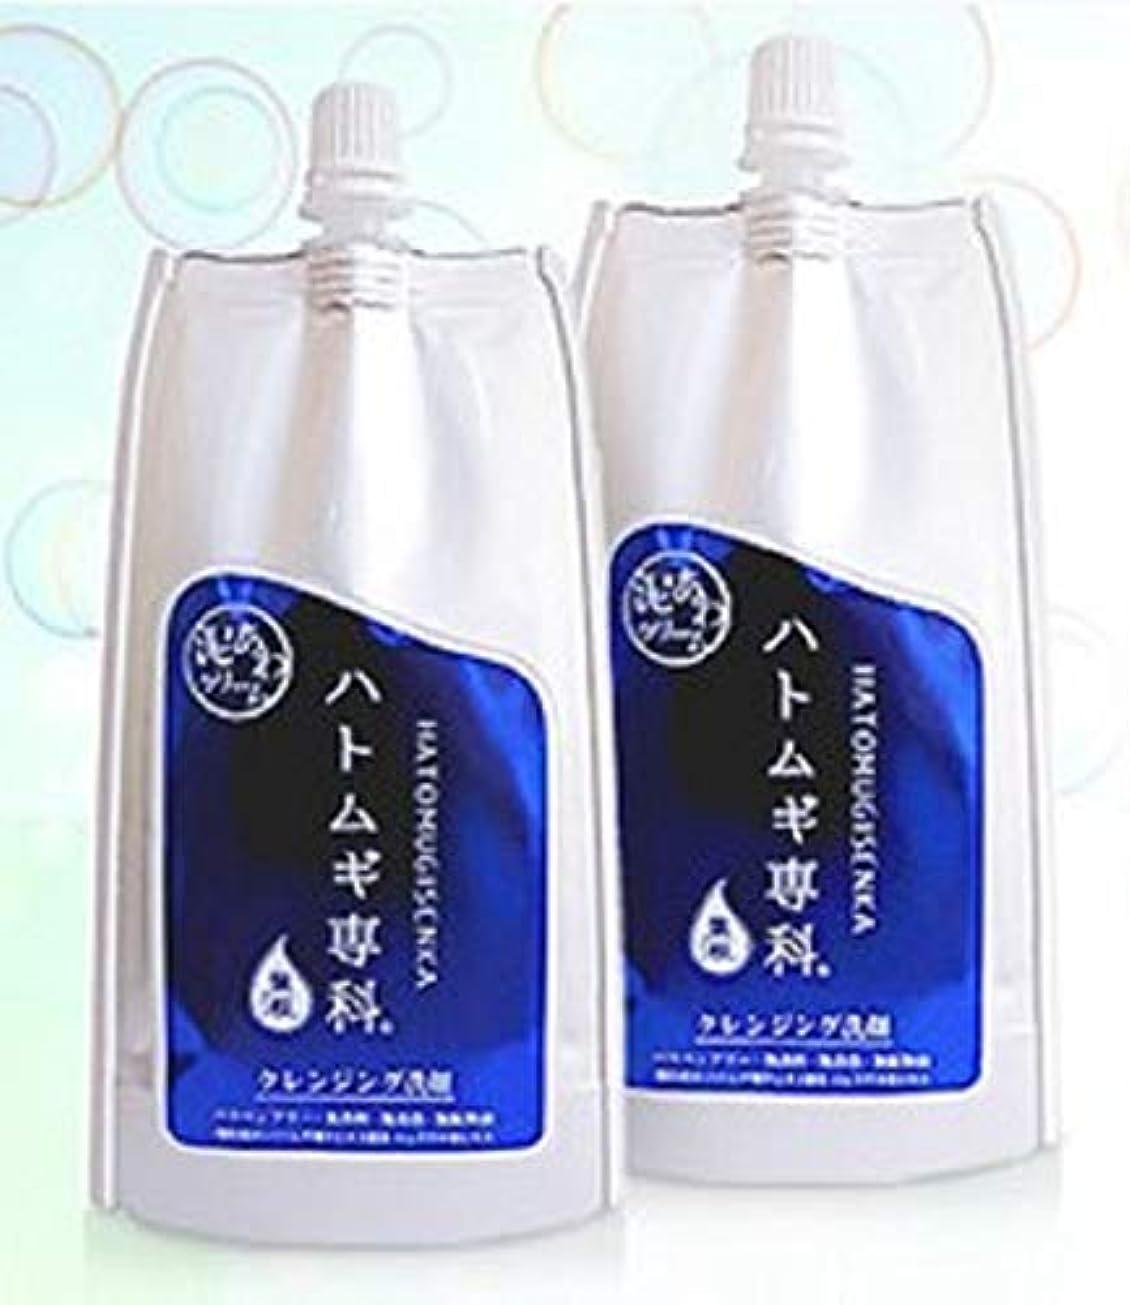 ルアー順応性のあるインタラクションハトムギ専科 クレンジング洗顔 140g 2個セット